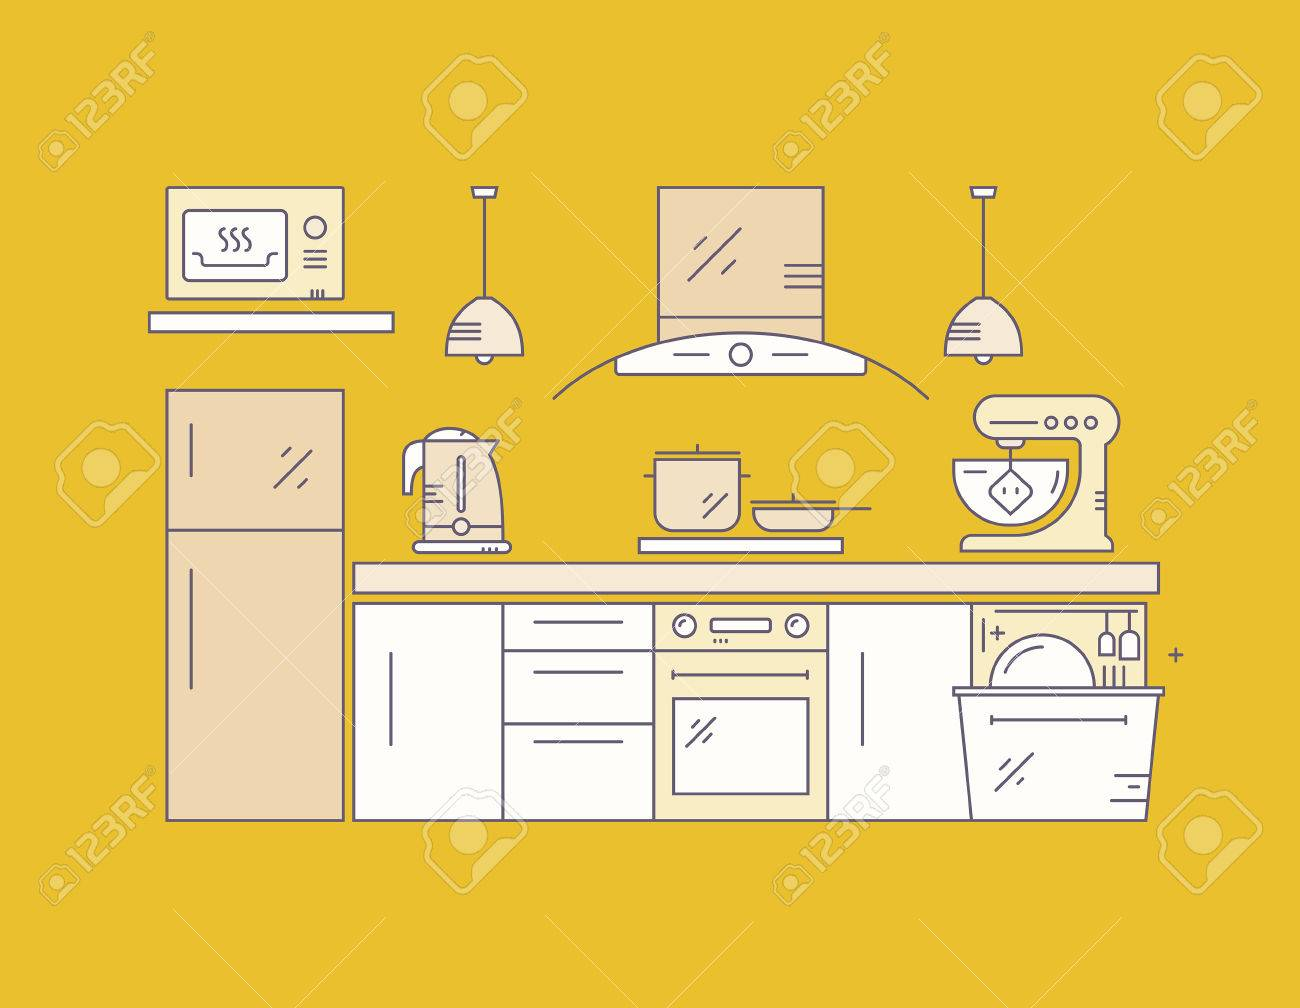 Moderne Küche Auf Gelbem Hintergrund. Haus Dekor Konzept. Küchengeräte Und Modernes  Haus Illustration